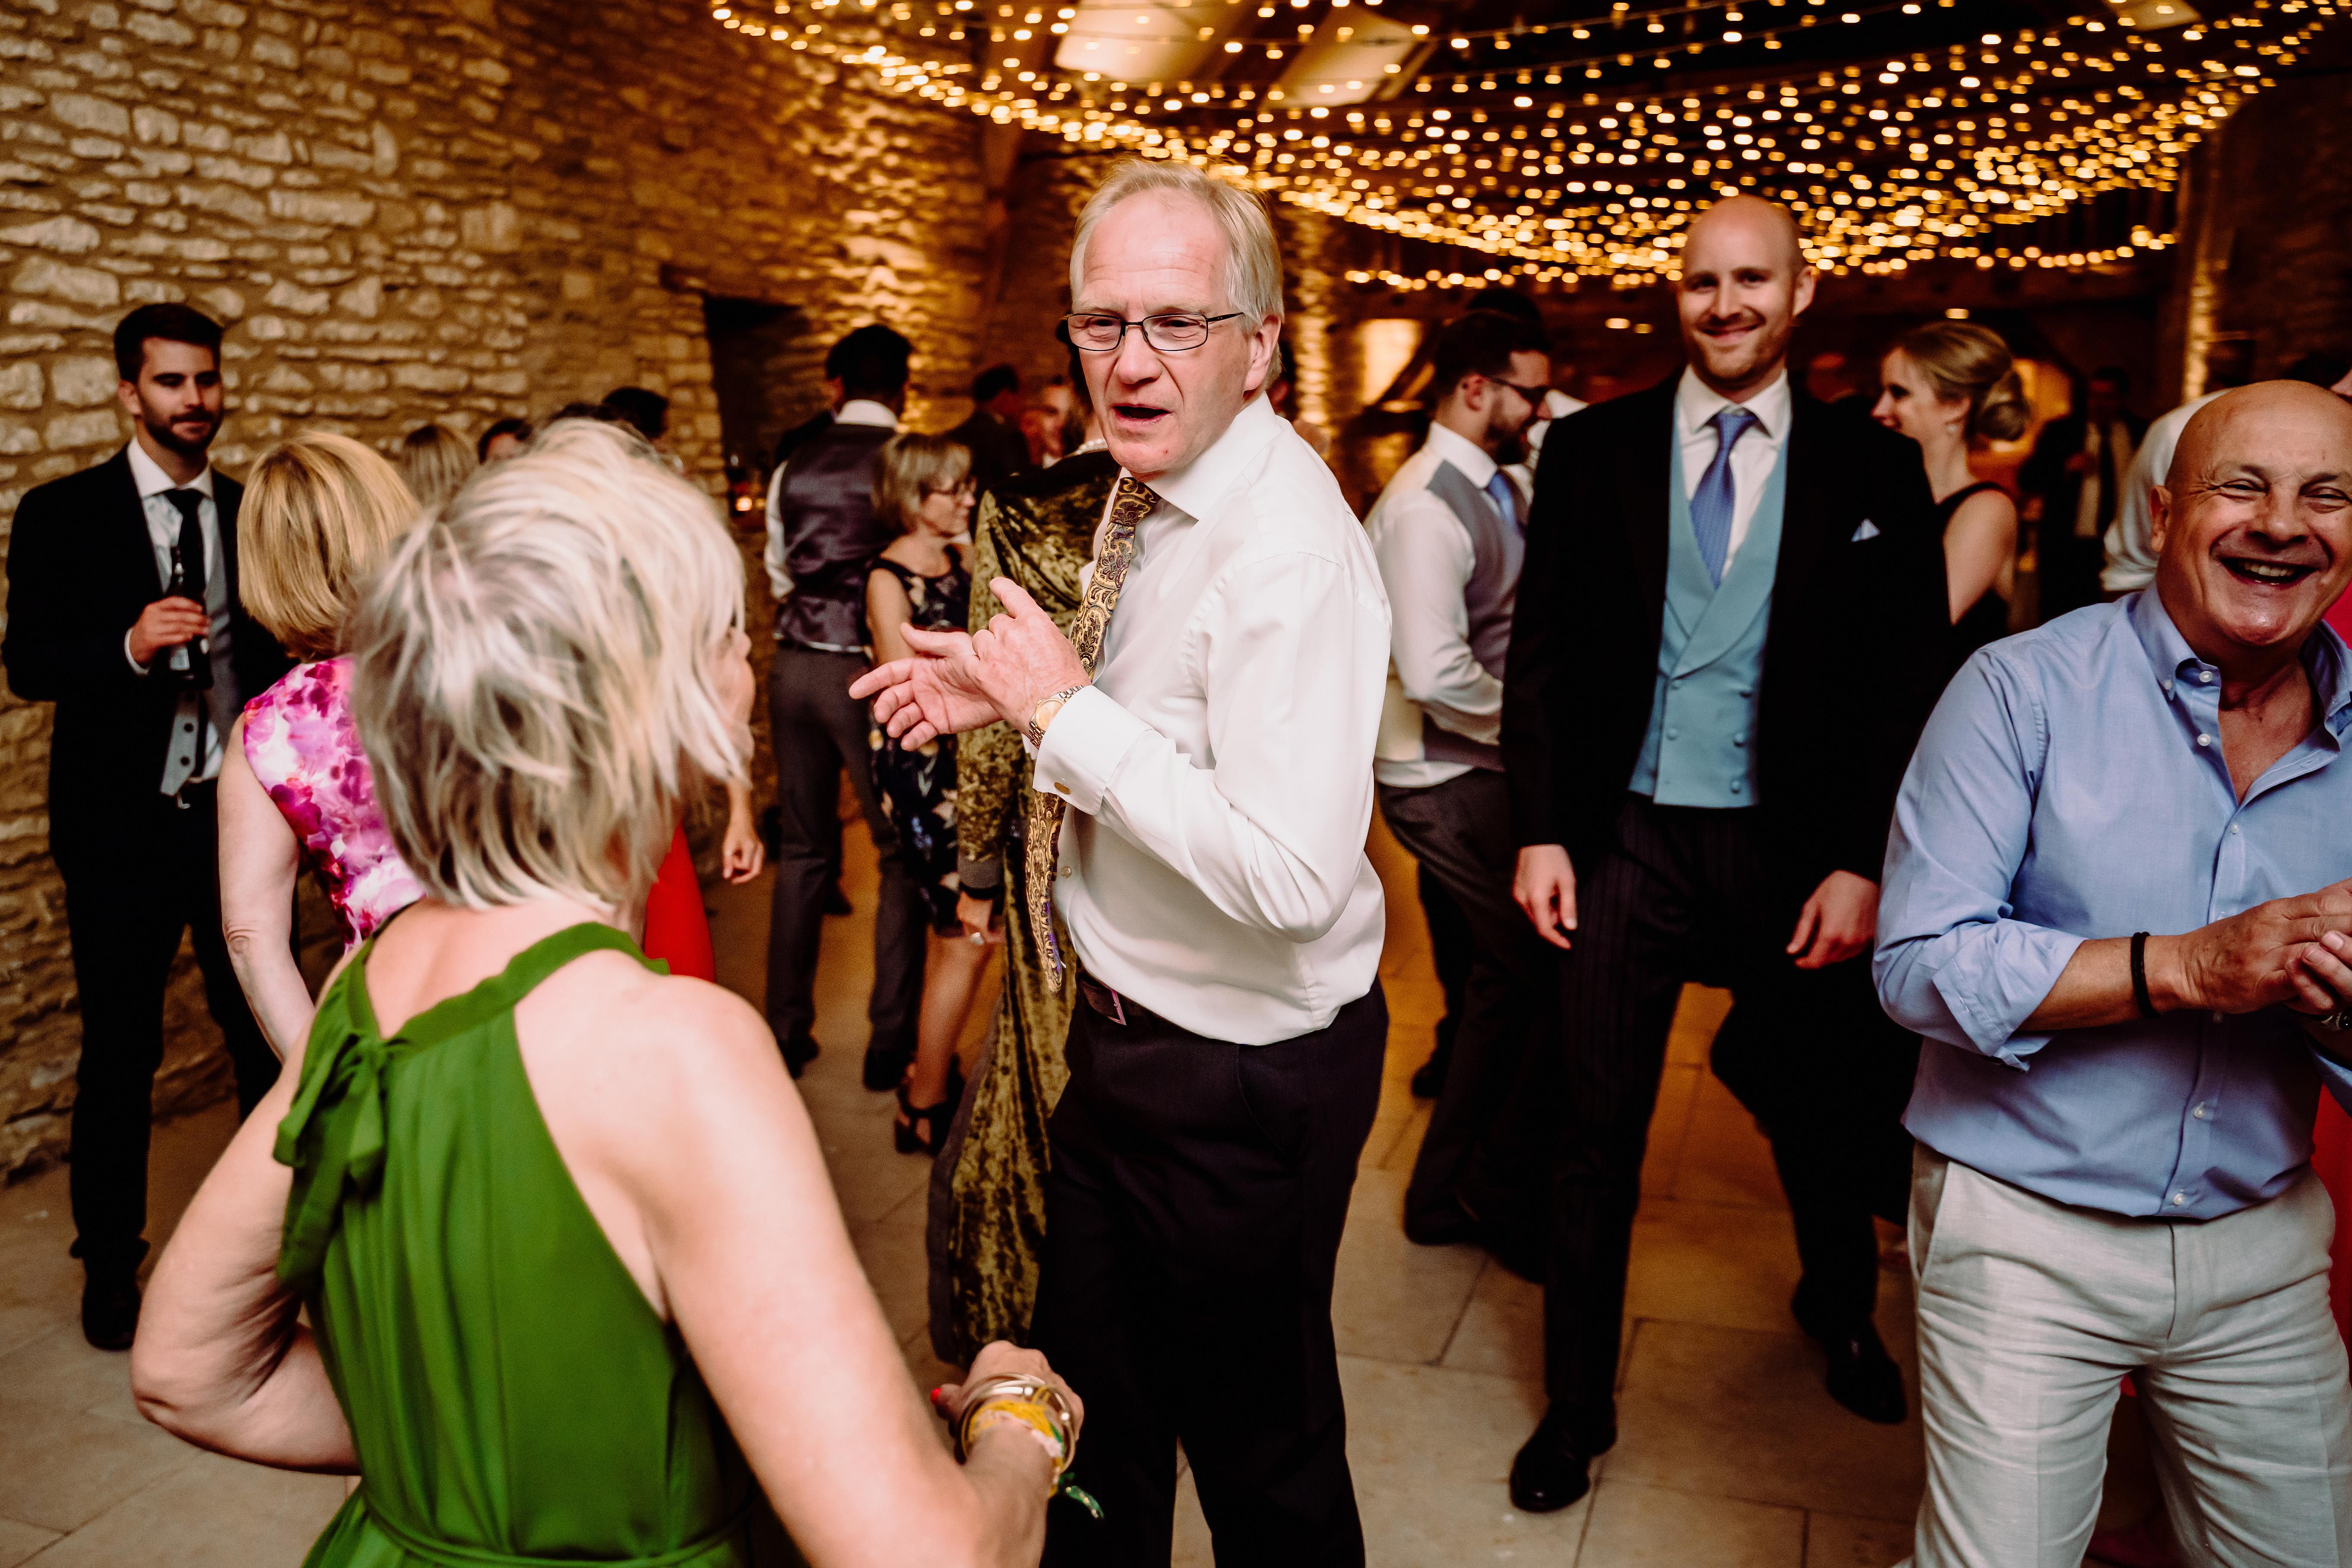 a gentleman dances